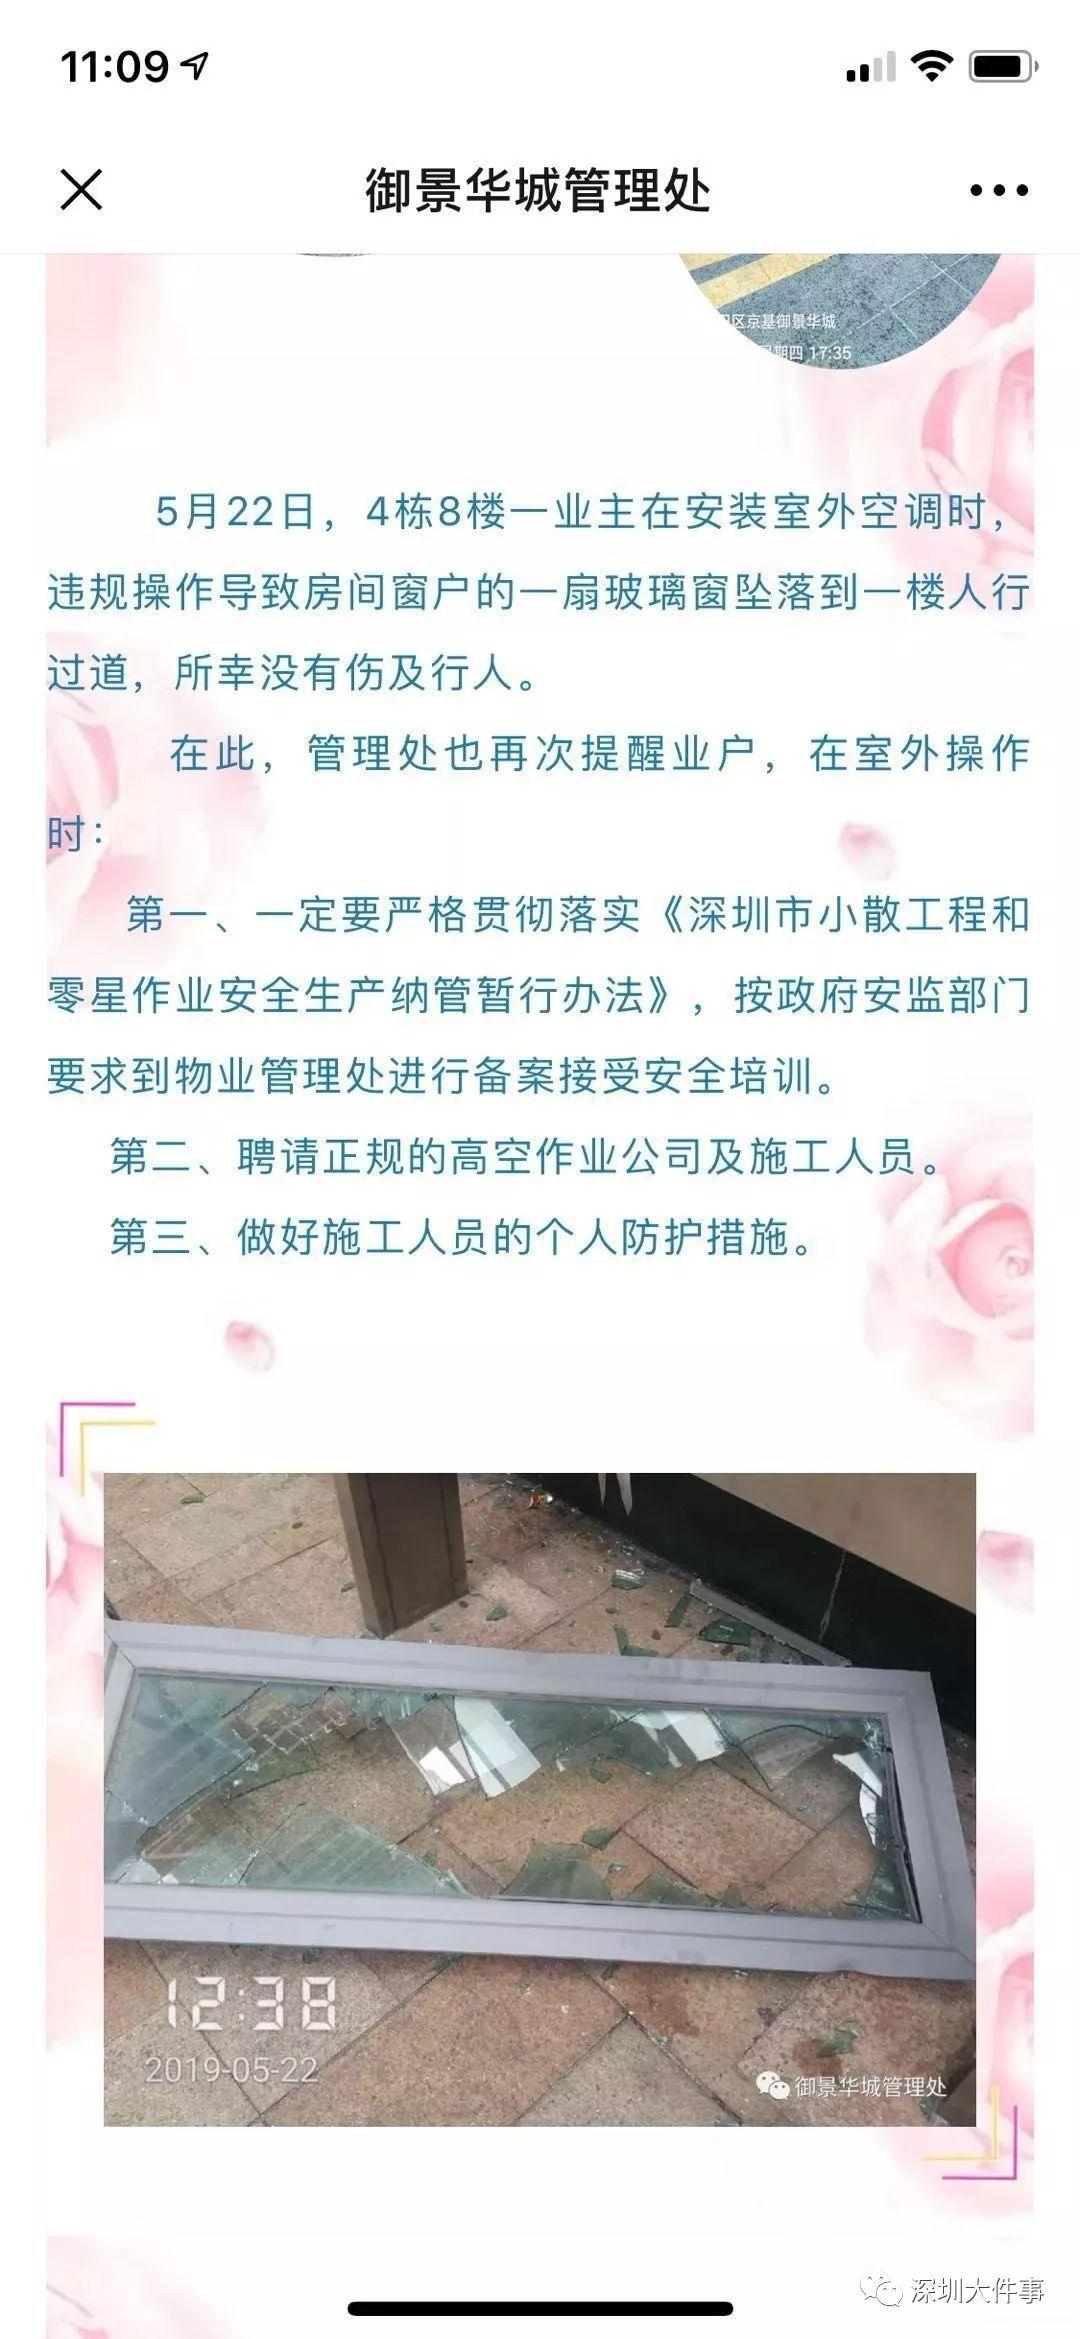 痛心!深圳一小区高层窗户坠落砸中6岁男童,妈妈当场崩溃…插图16